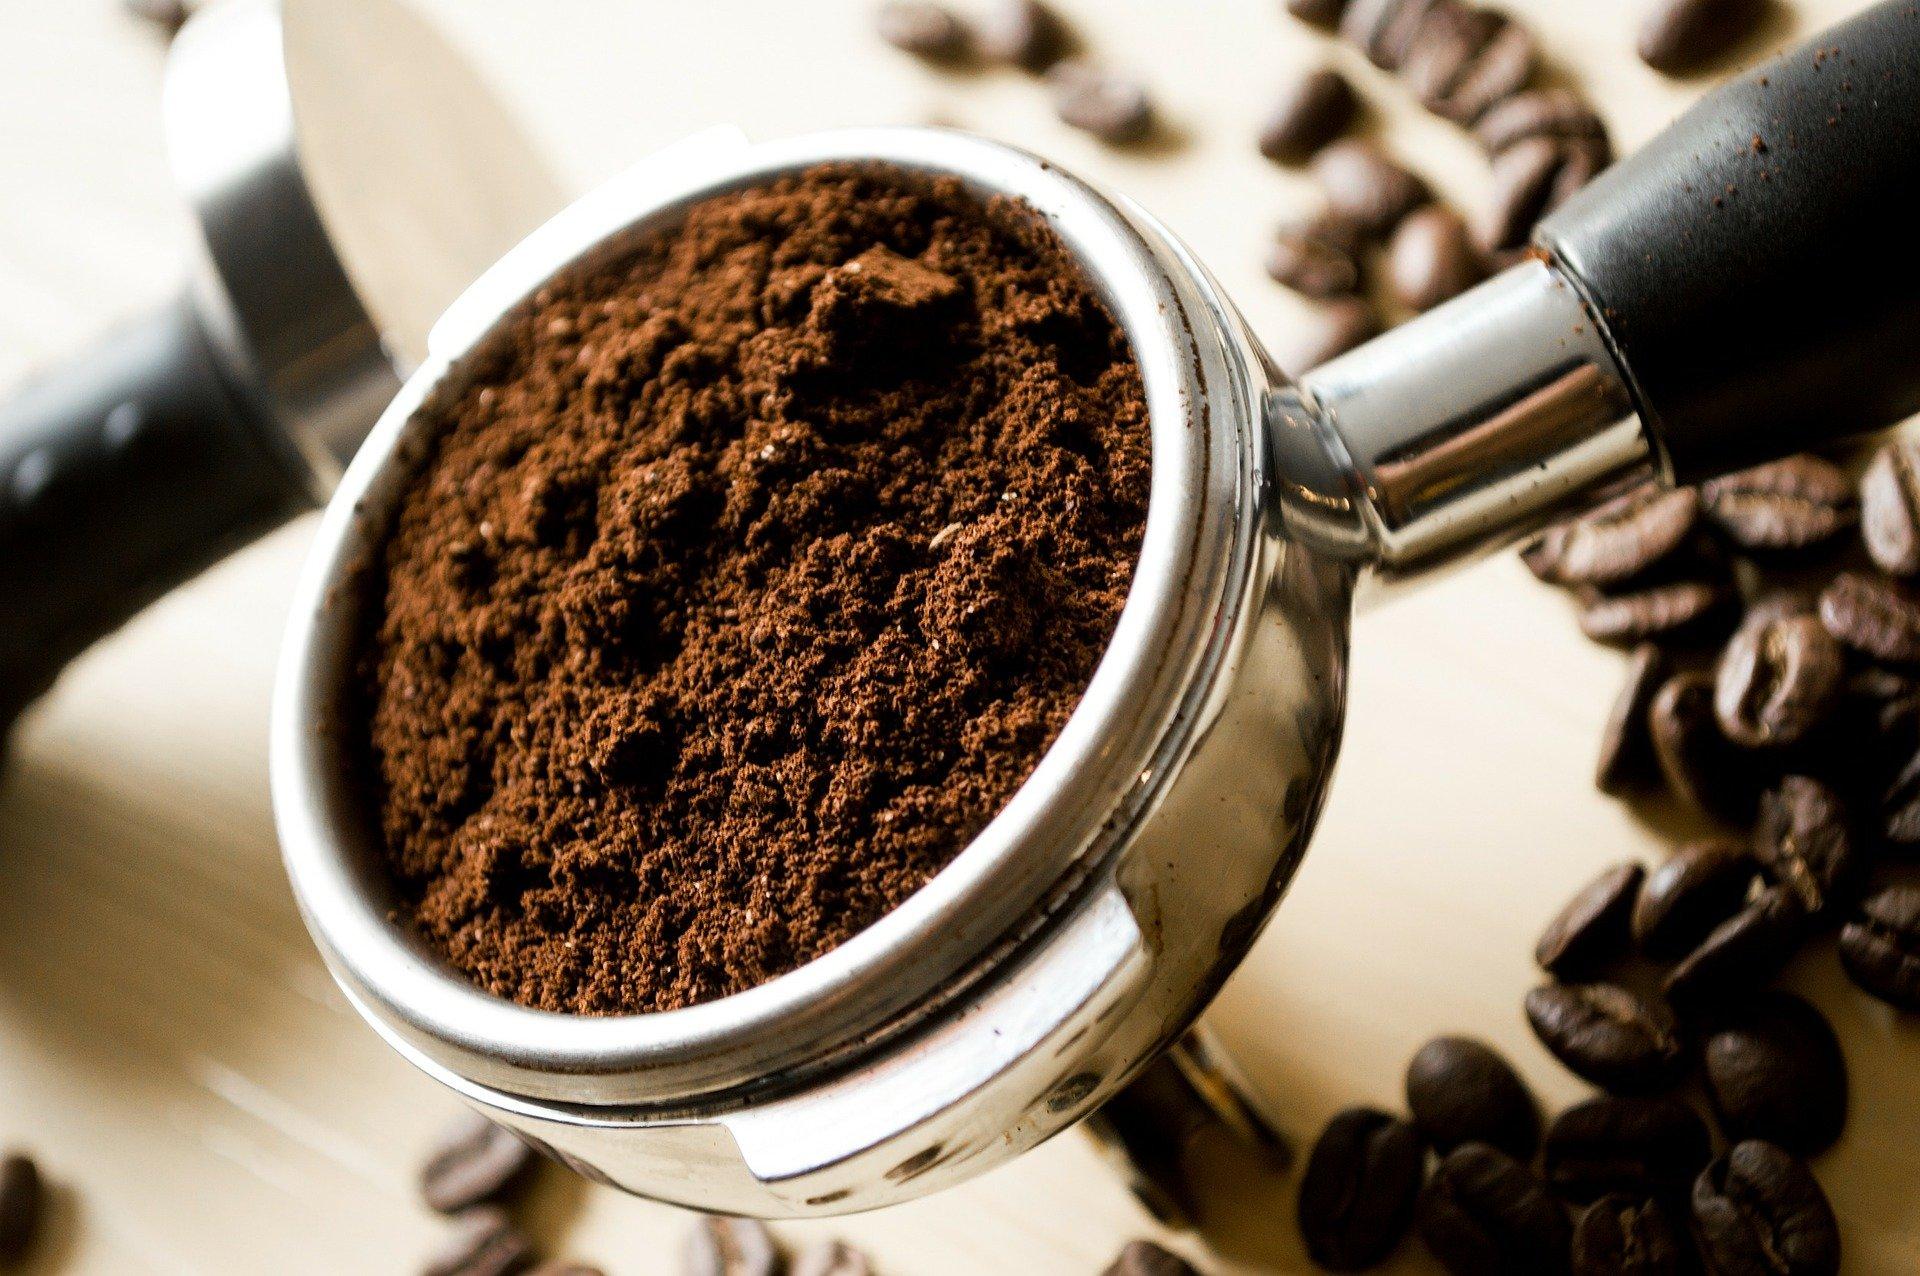 Elimina plantas amarillas con café